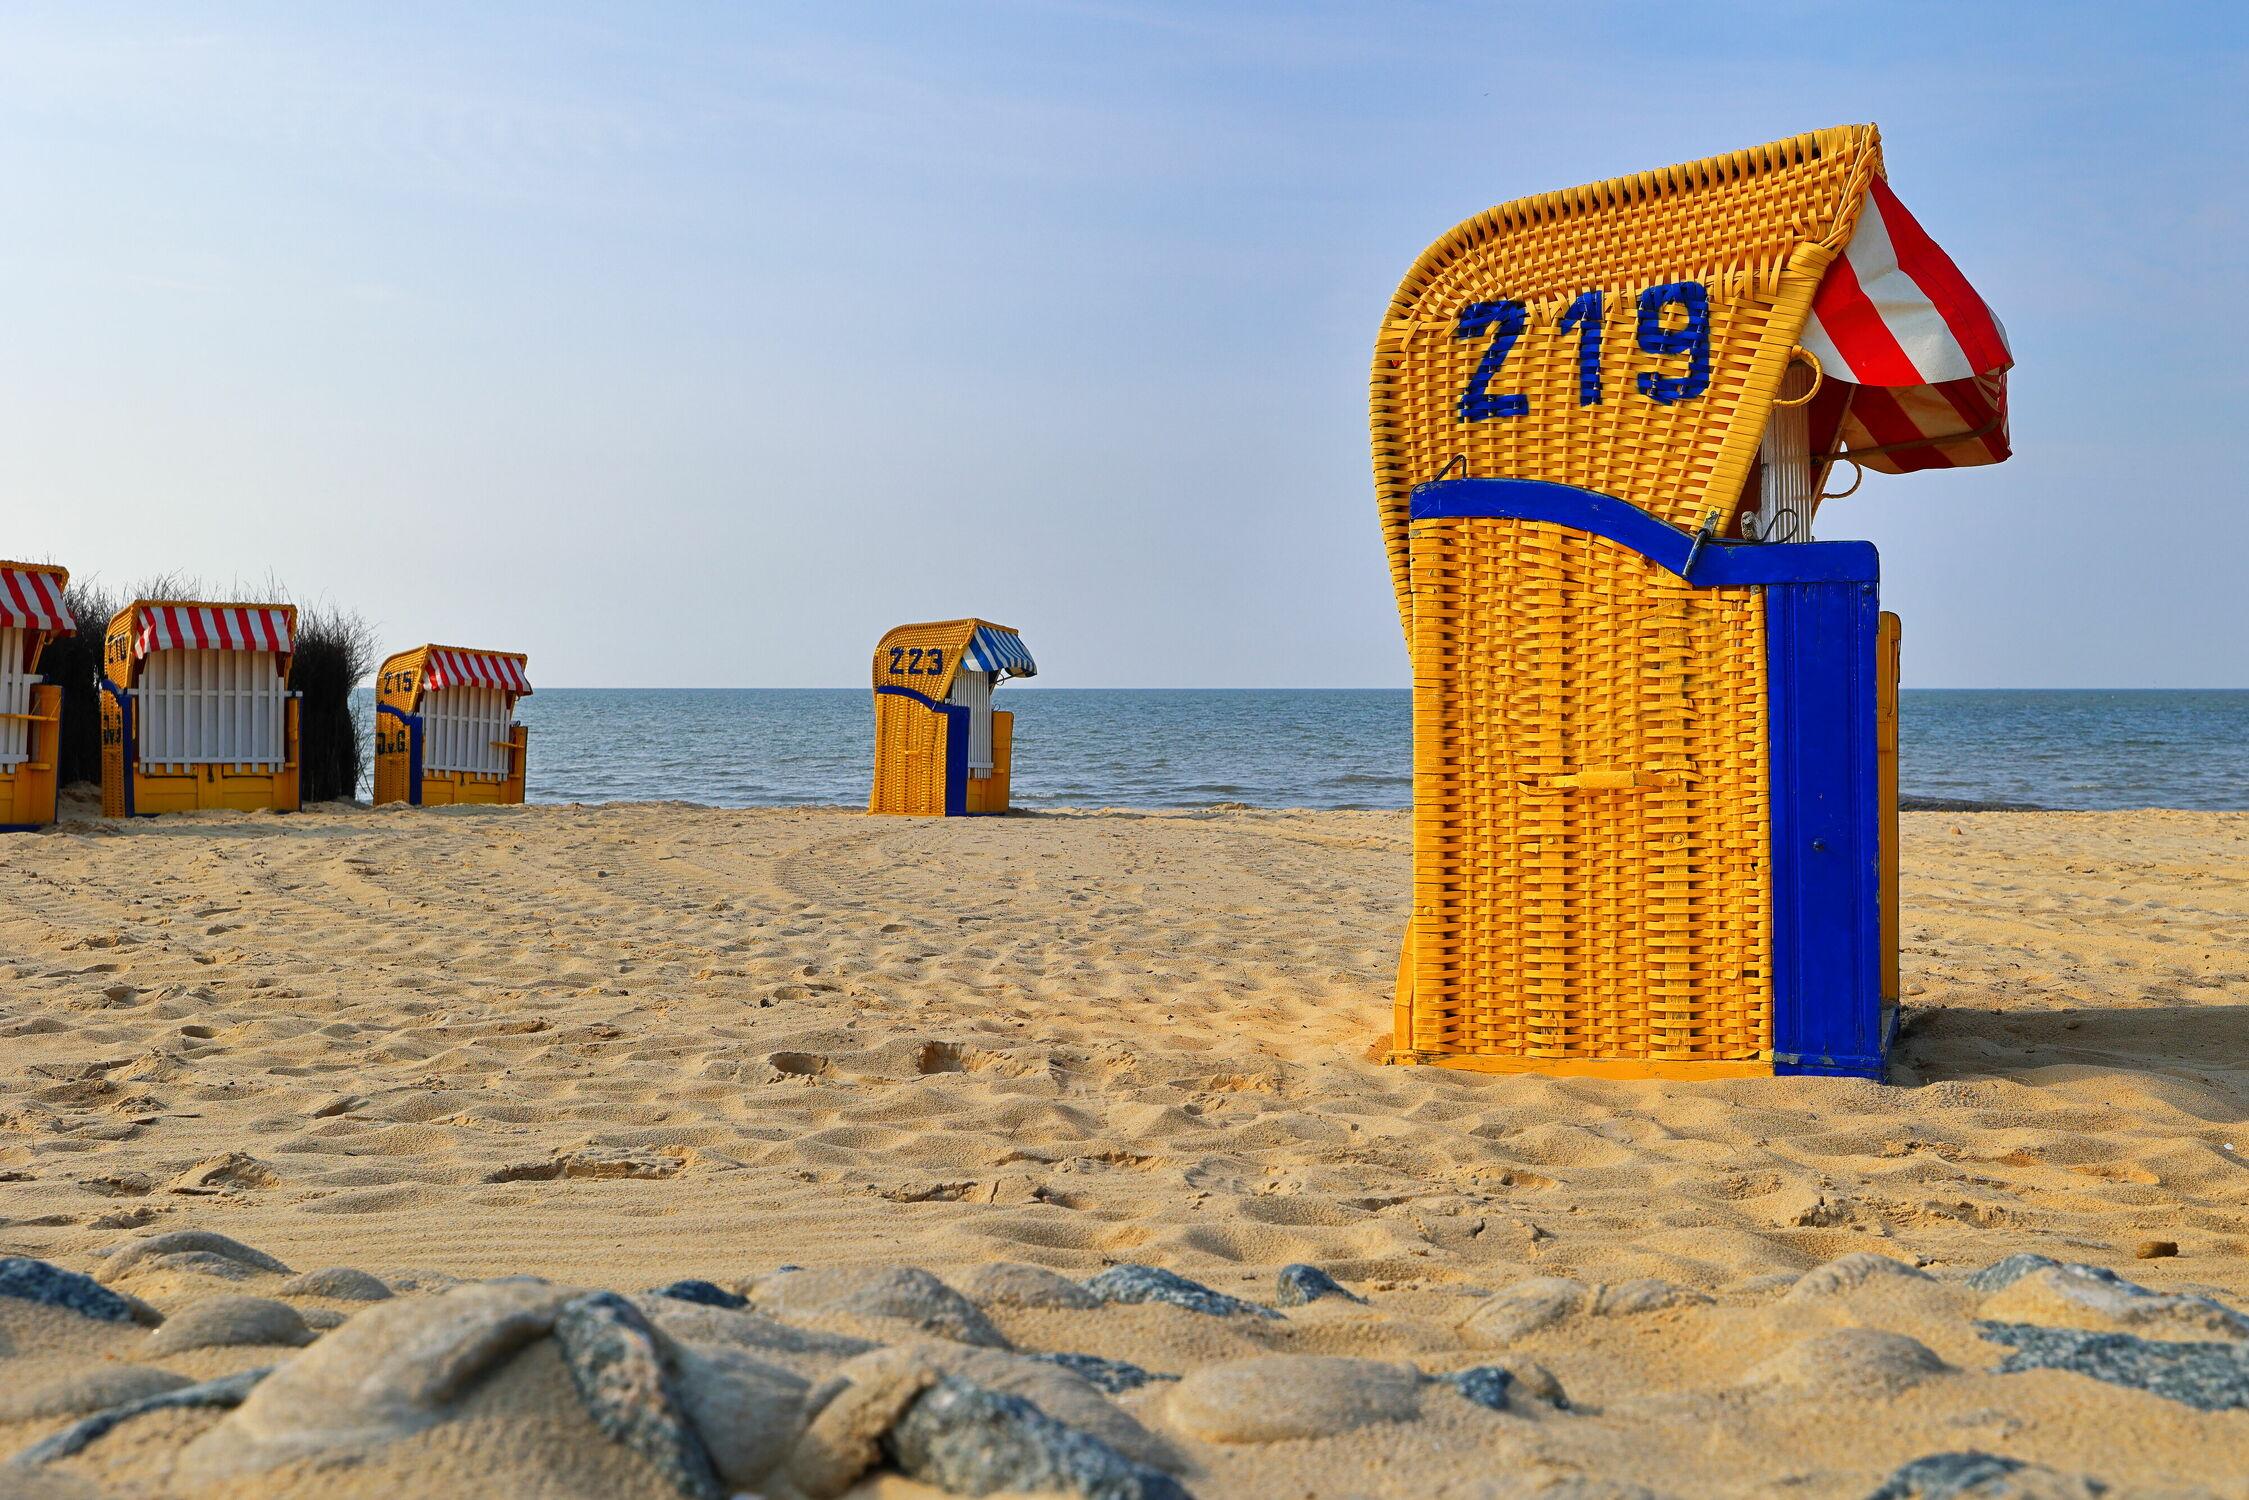 Bild mit Wasser, Wellen, Urlaub, Windsurfen, Sandstrand, Meerblick, Strandkörbe, Nordseeküste, Cuxhaven, Geschenk